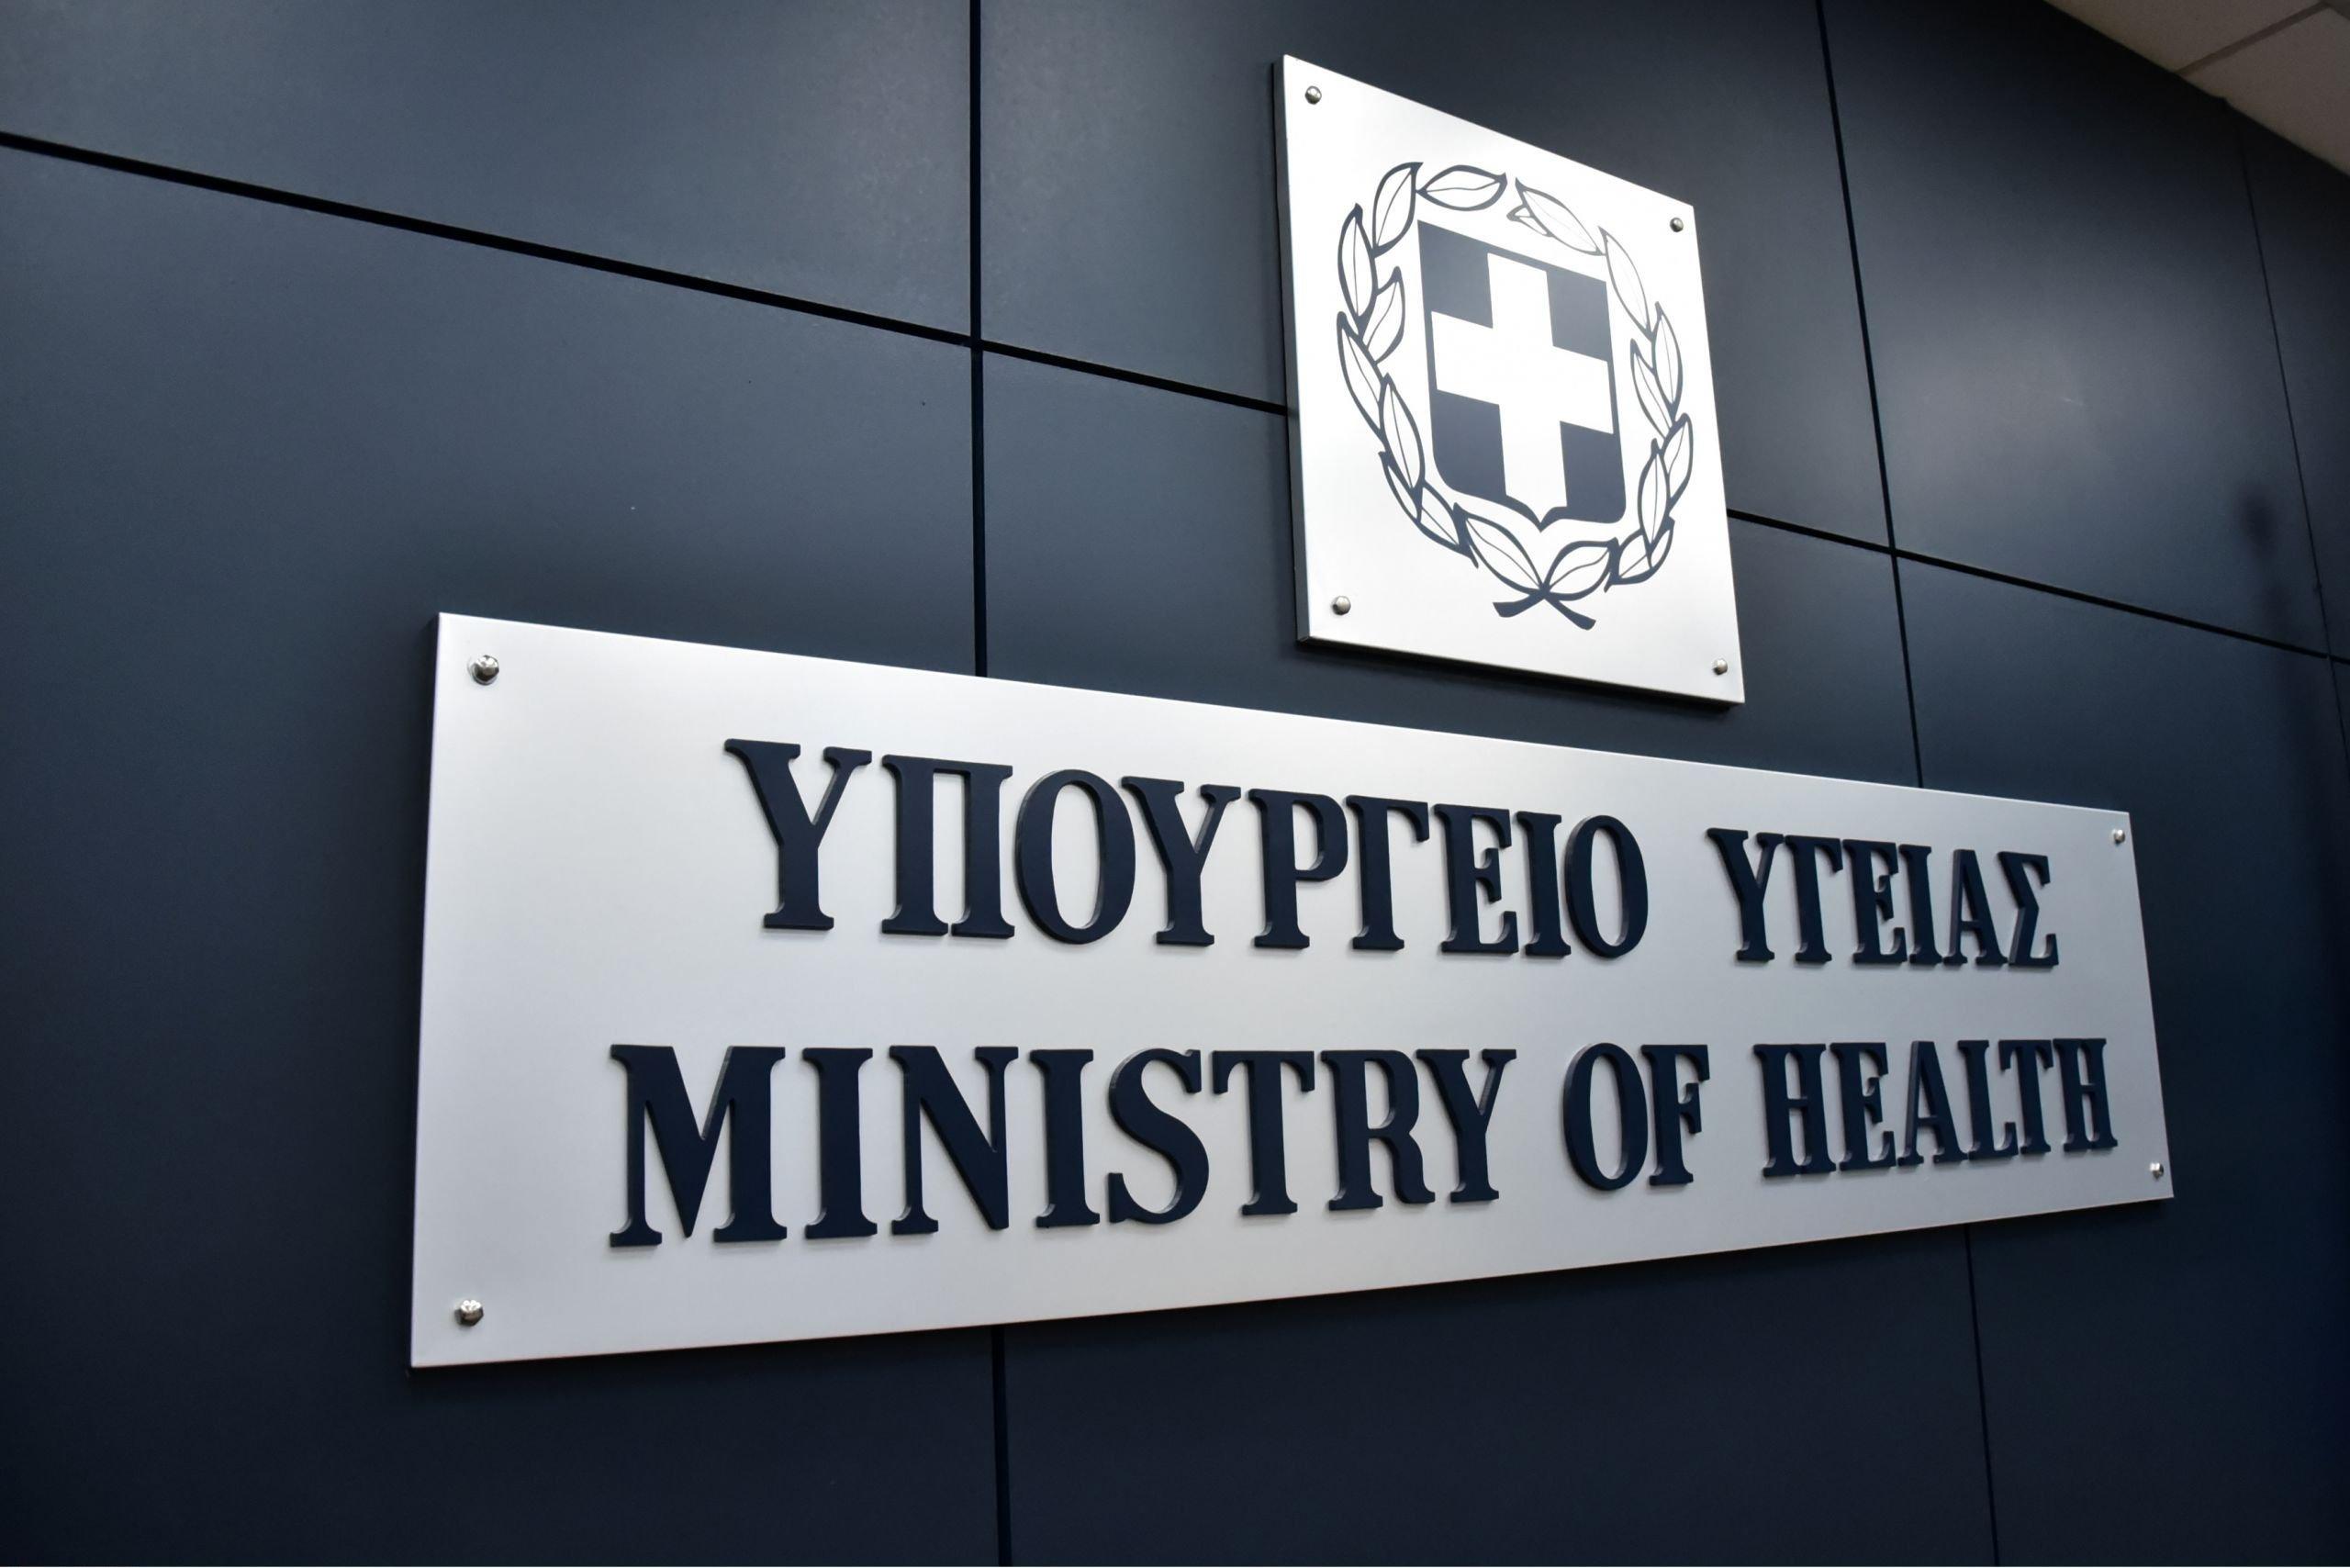 Υπουργός Υγείας: Επέκταση της σύμβασης για νομική υποστήριξη της δομής ΕΣΠΑ